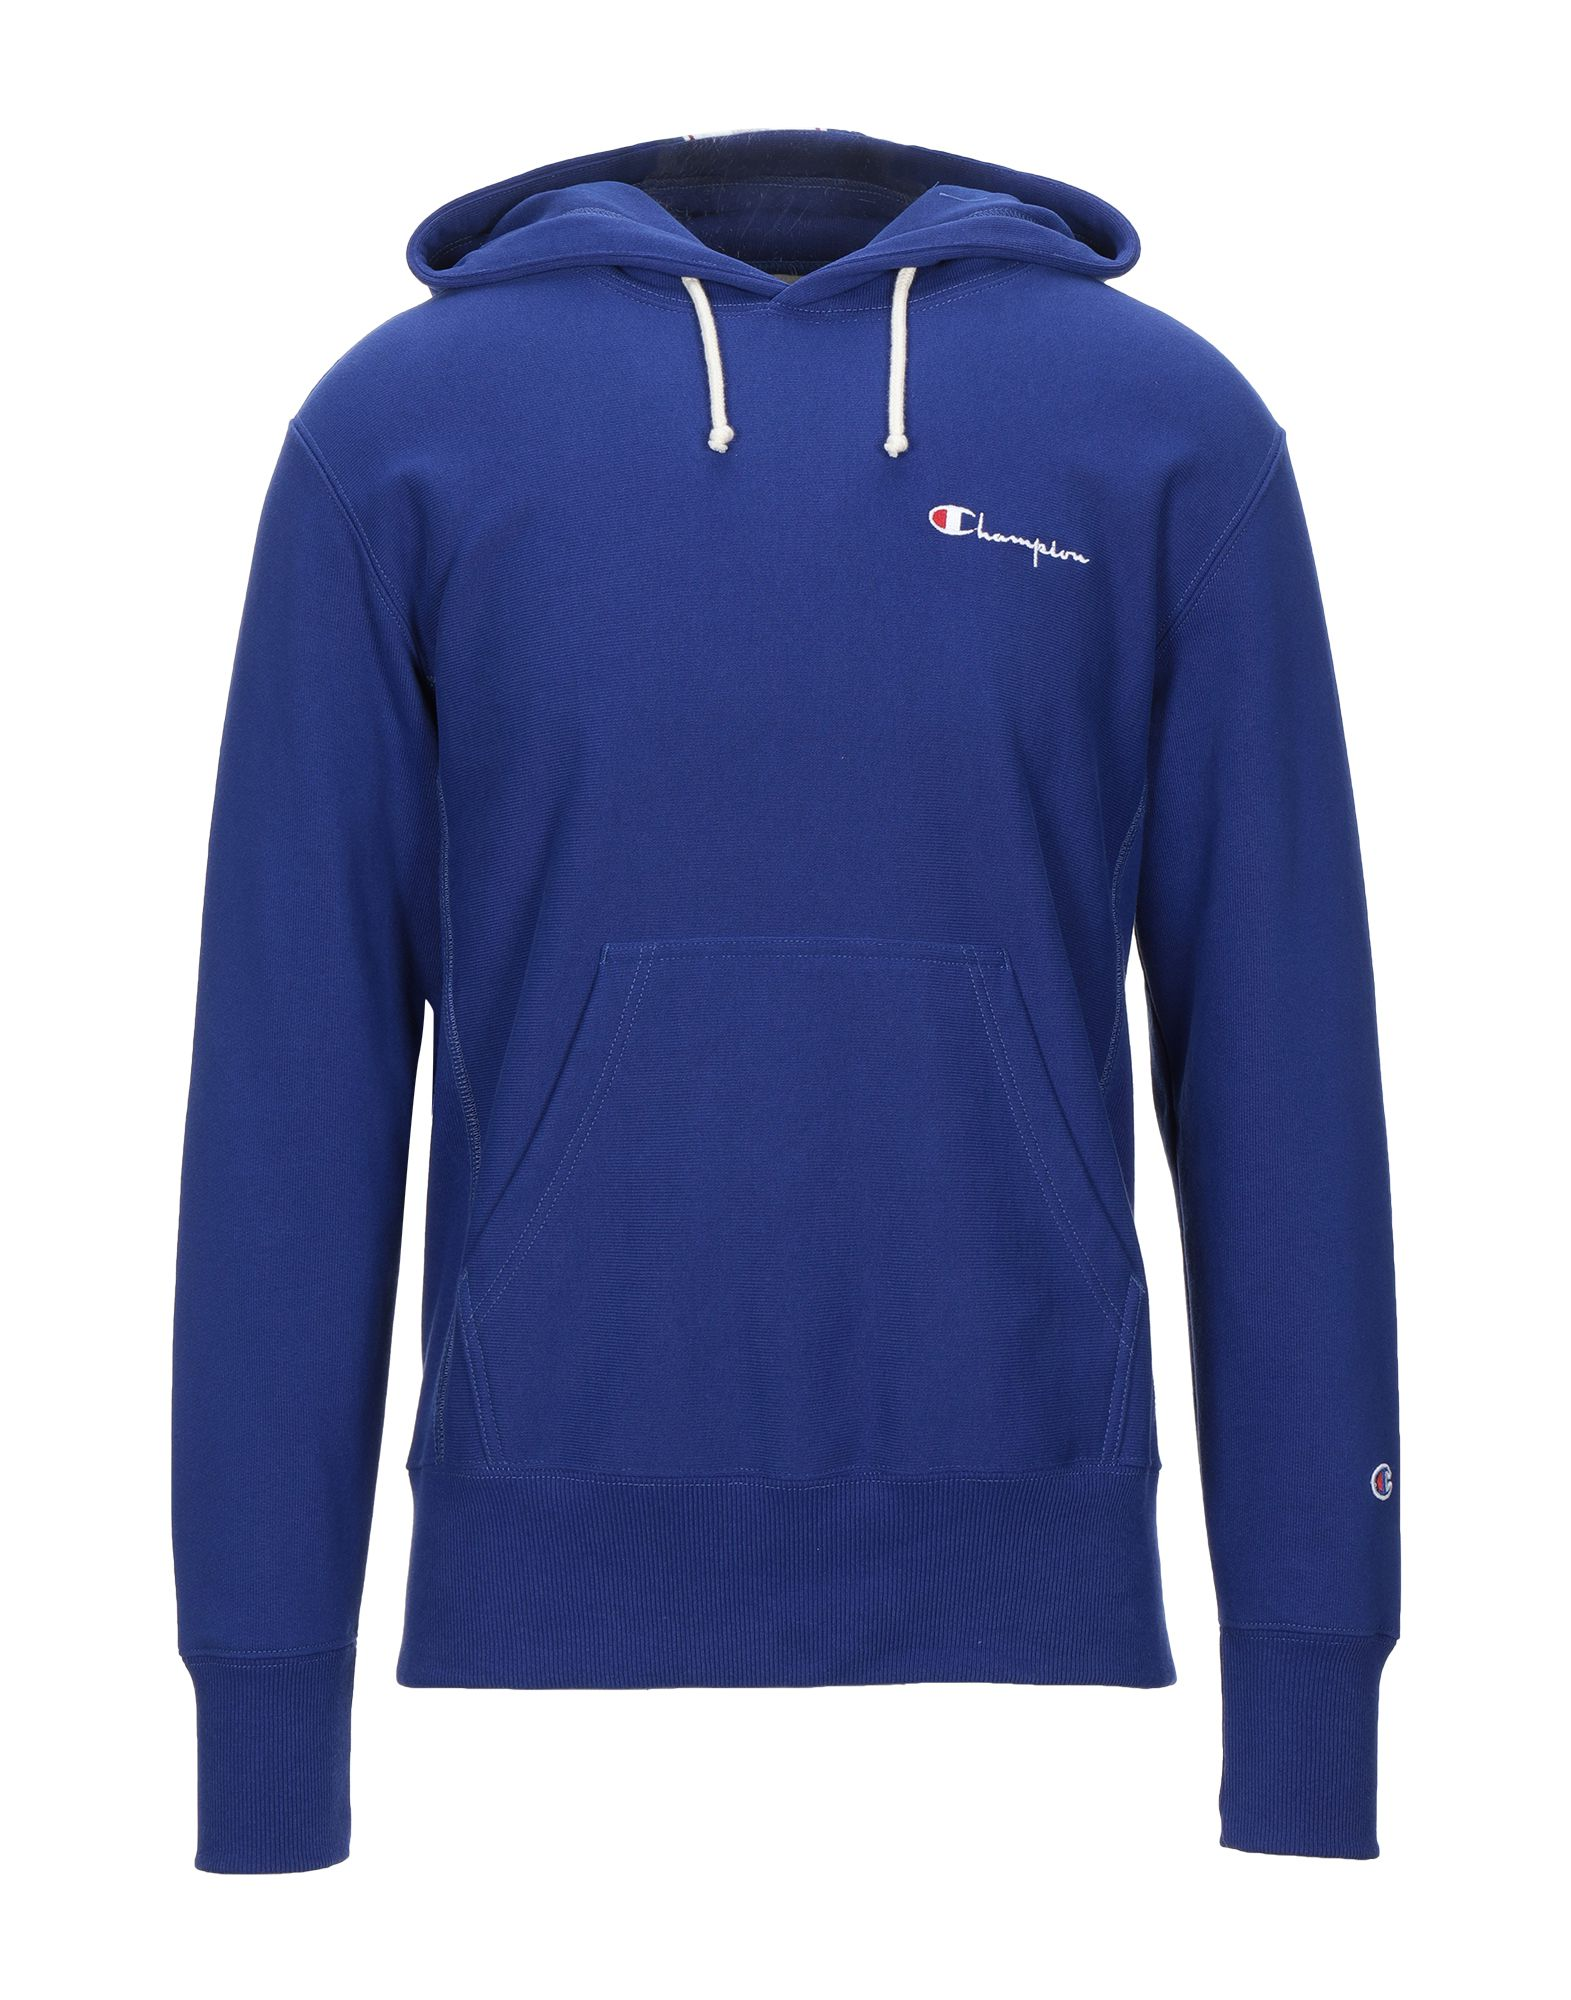 《セール開催中》CHAMPION REVERSE WEAVE メンズ スウェットシャツ ブルー M コットン 90% / ポリエステル 10% / アクリル / ウール / レーヨン